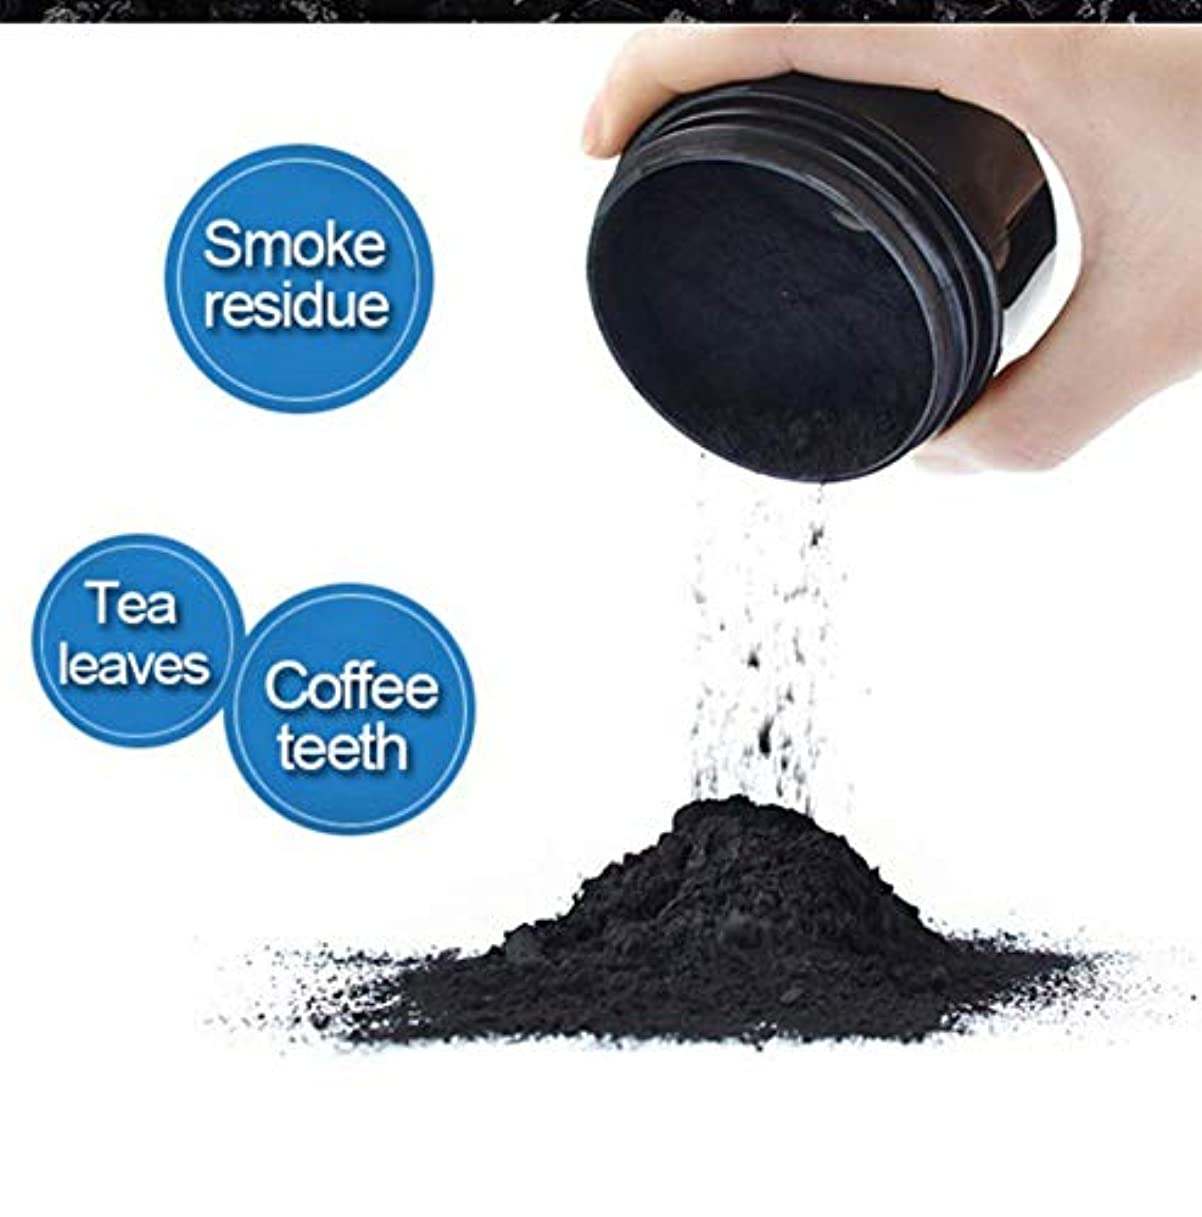 うねる非アクティブ胚芽Daily Use Teeth Whitening Scaling Powder Oral Hygiene Cleaning Packing Premium Activated Bamboo Charcoal Powder...